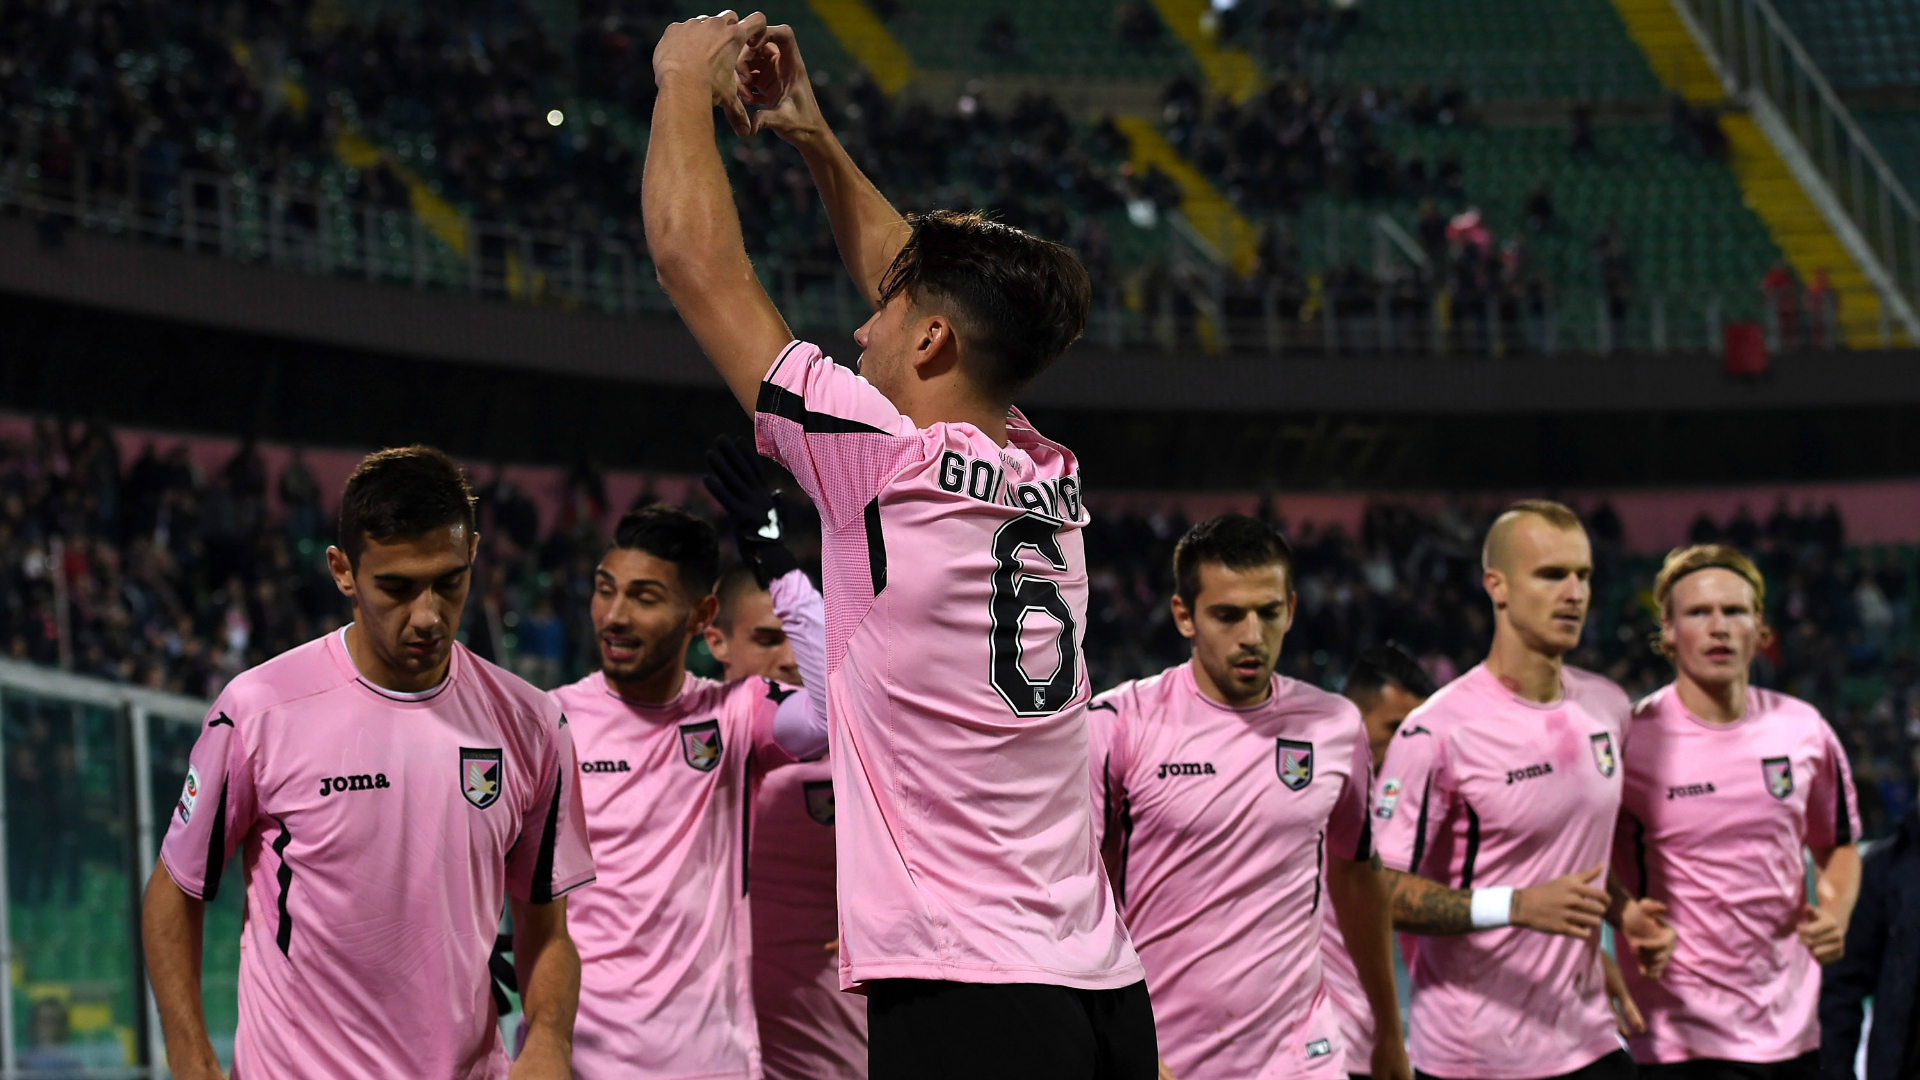 Palermo-Frosinone, Formazioni: Diretta Tv e Streaming